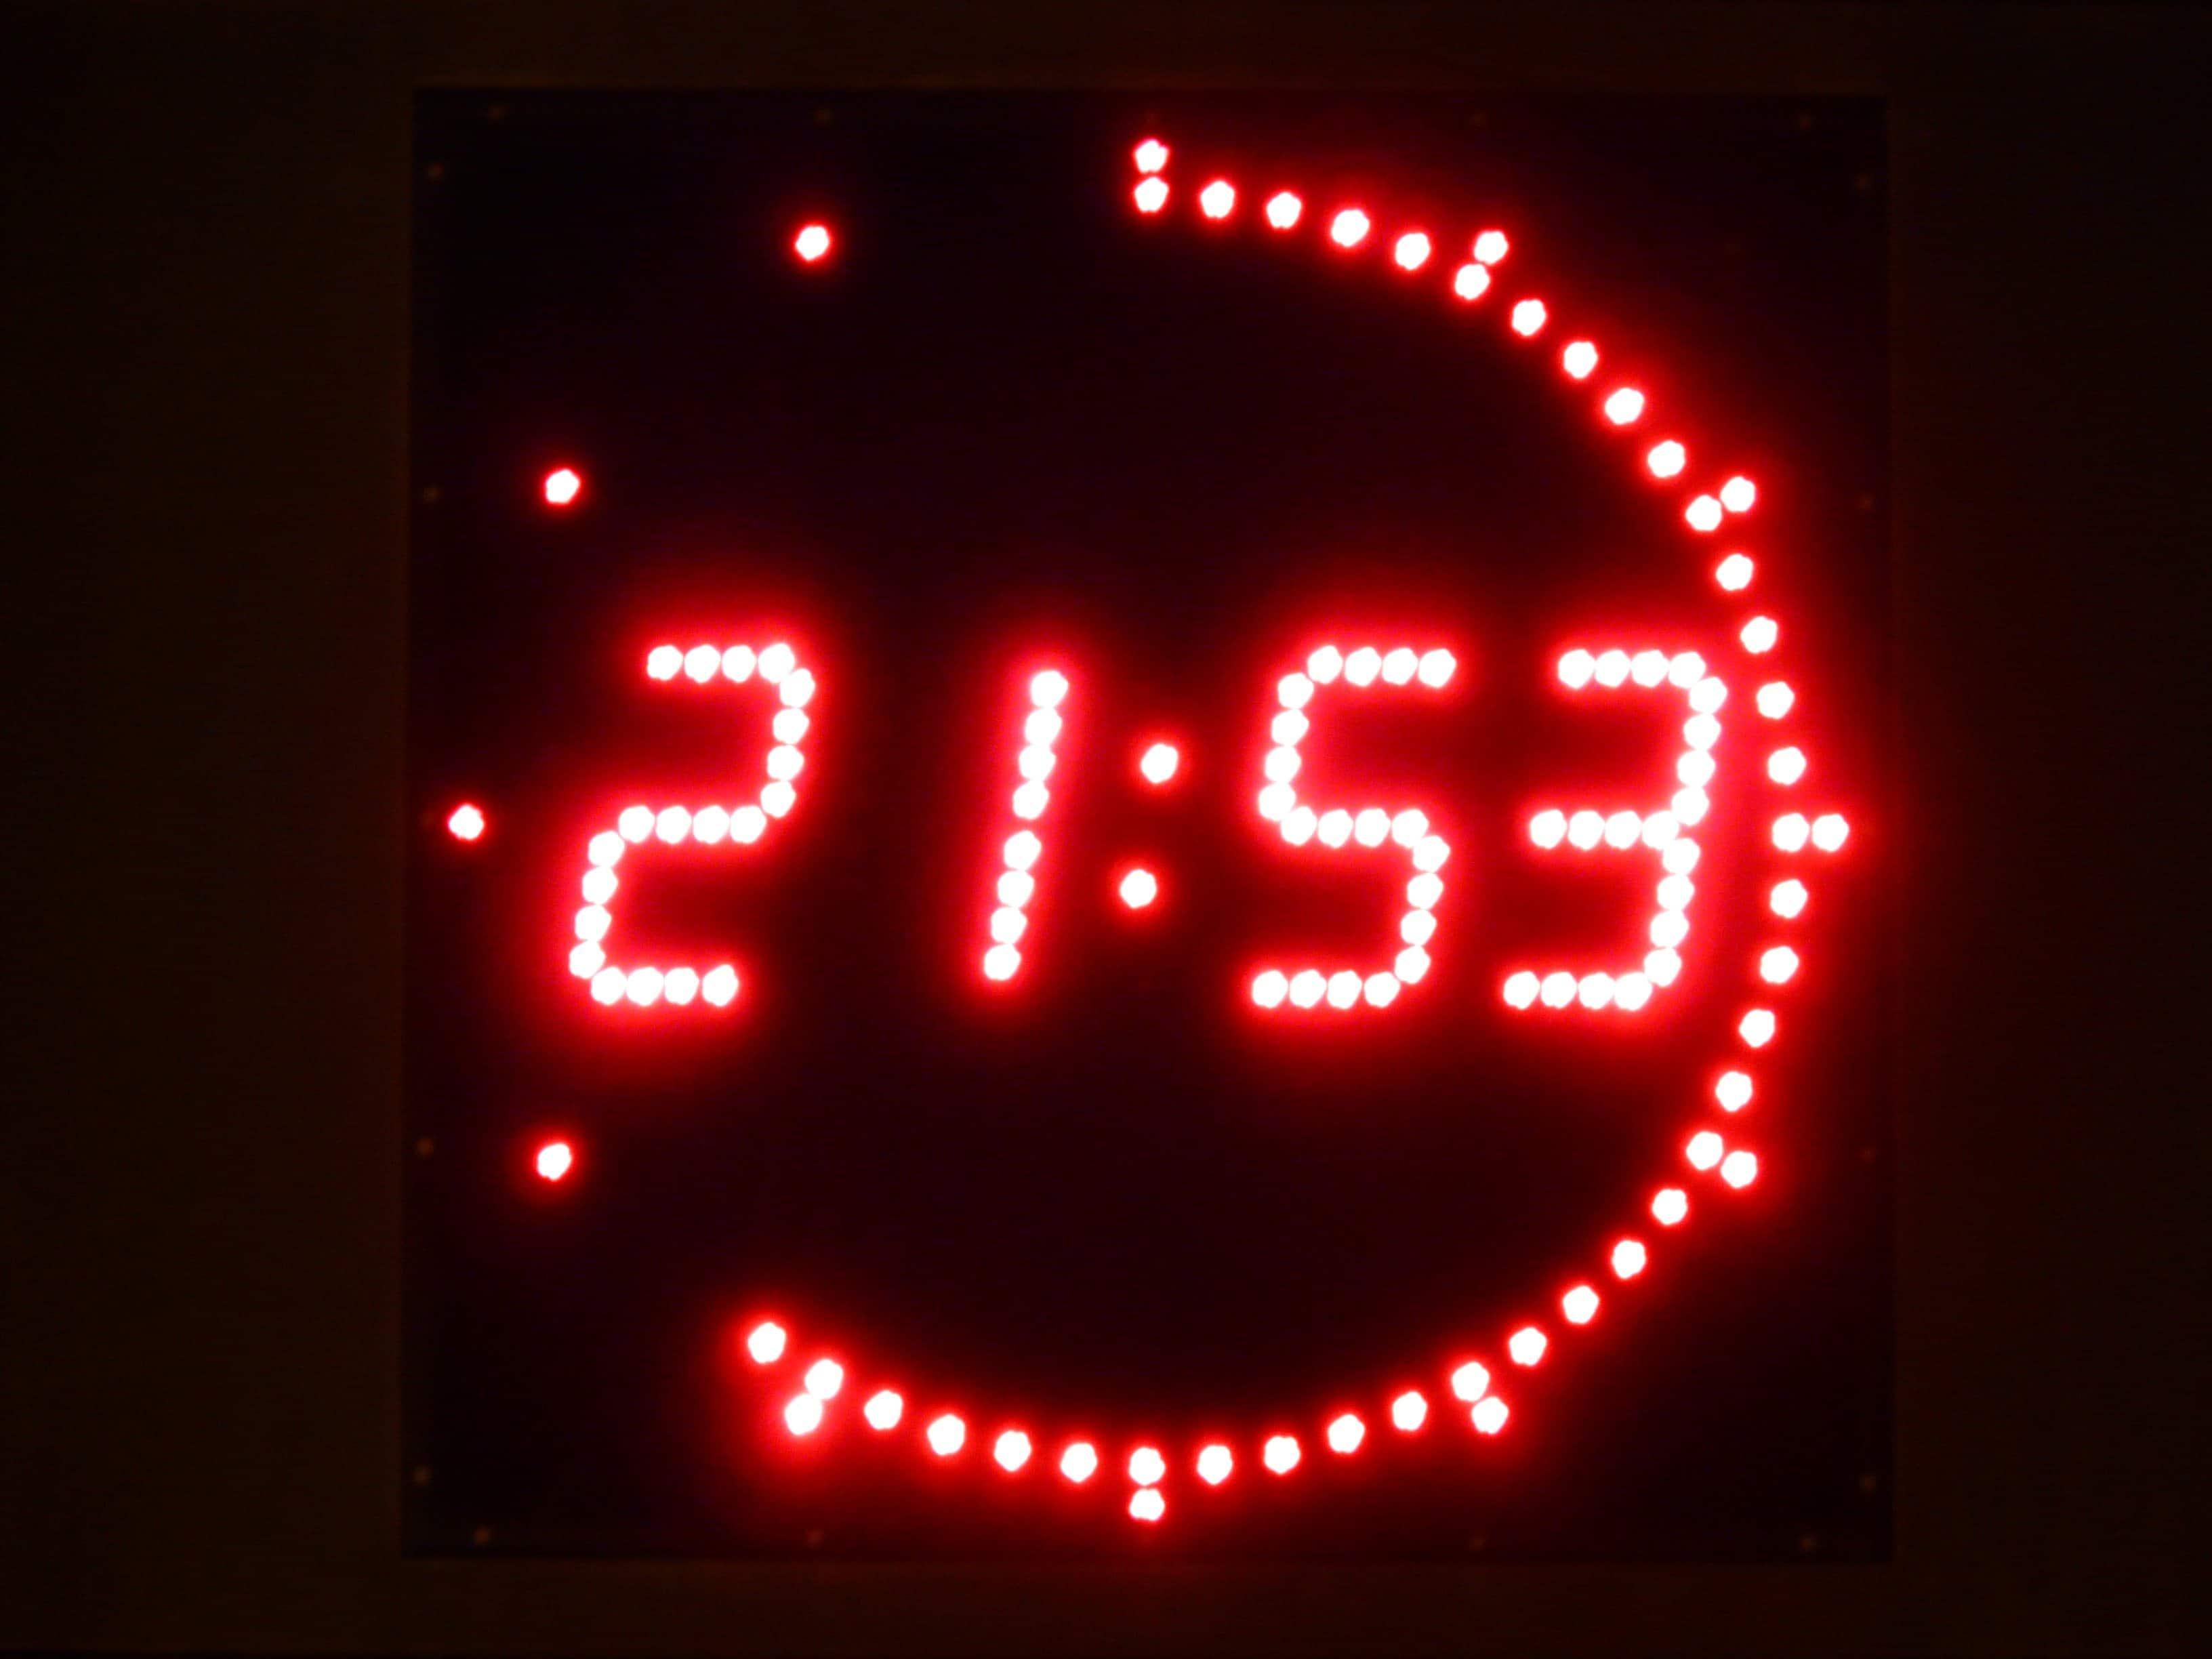 9 Best Modern Minimalist Digital Wall Clocks Minimalist Vibe